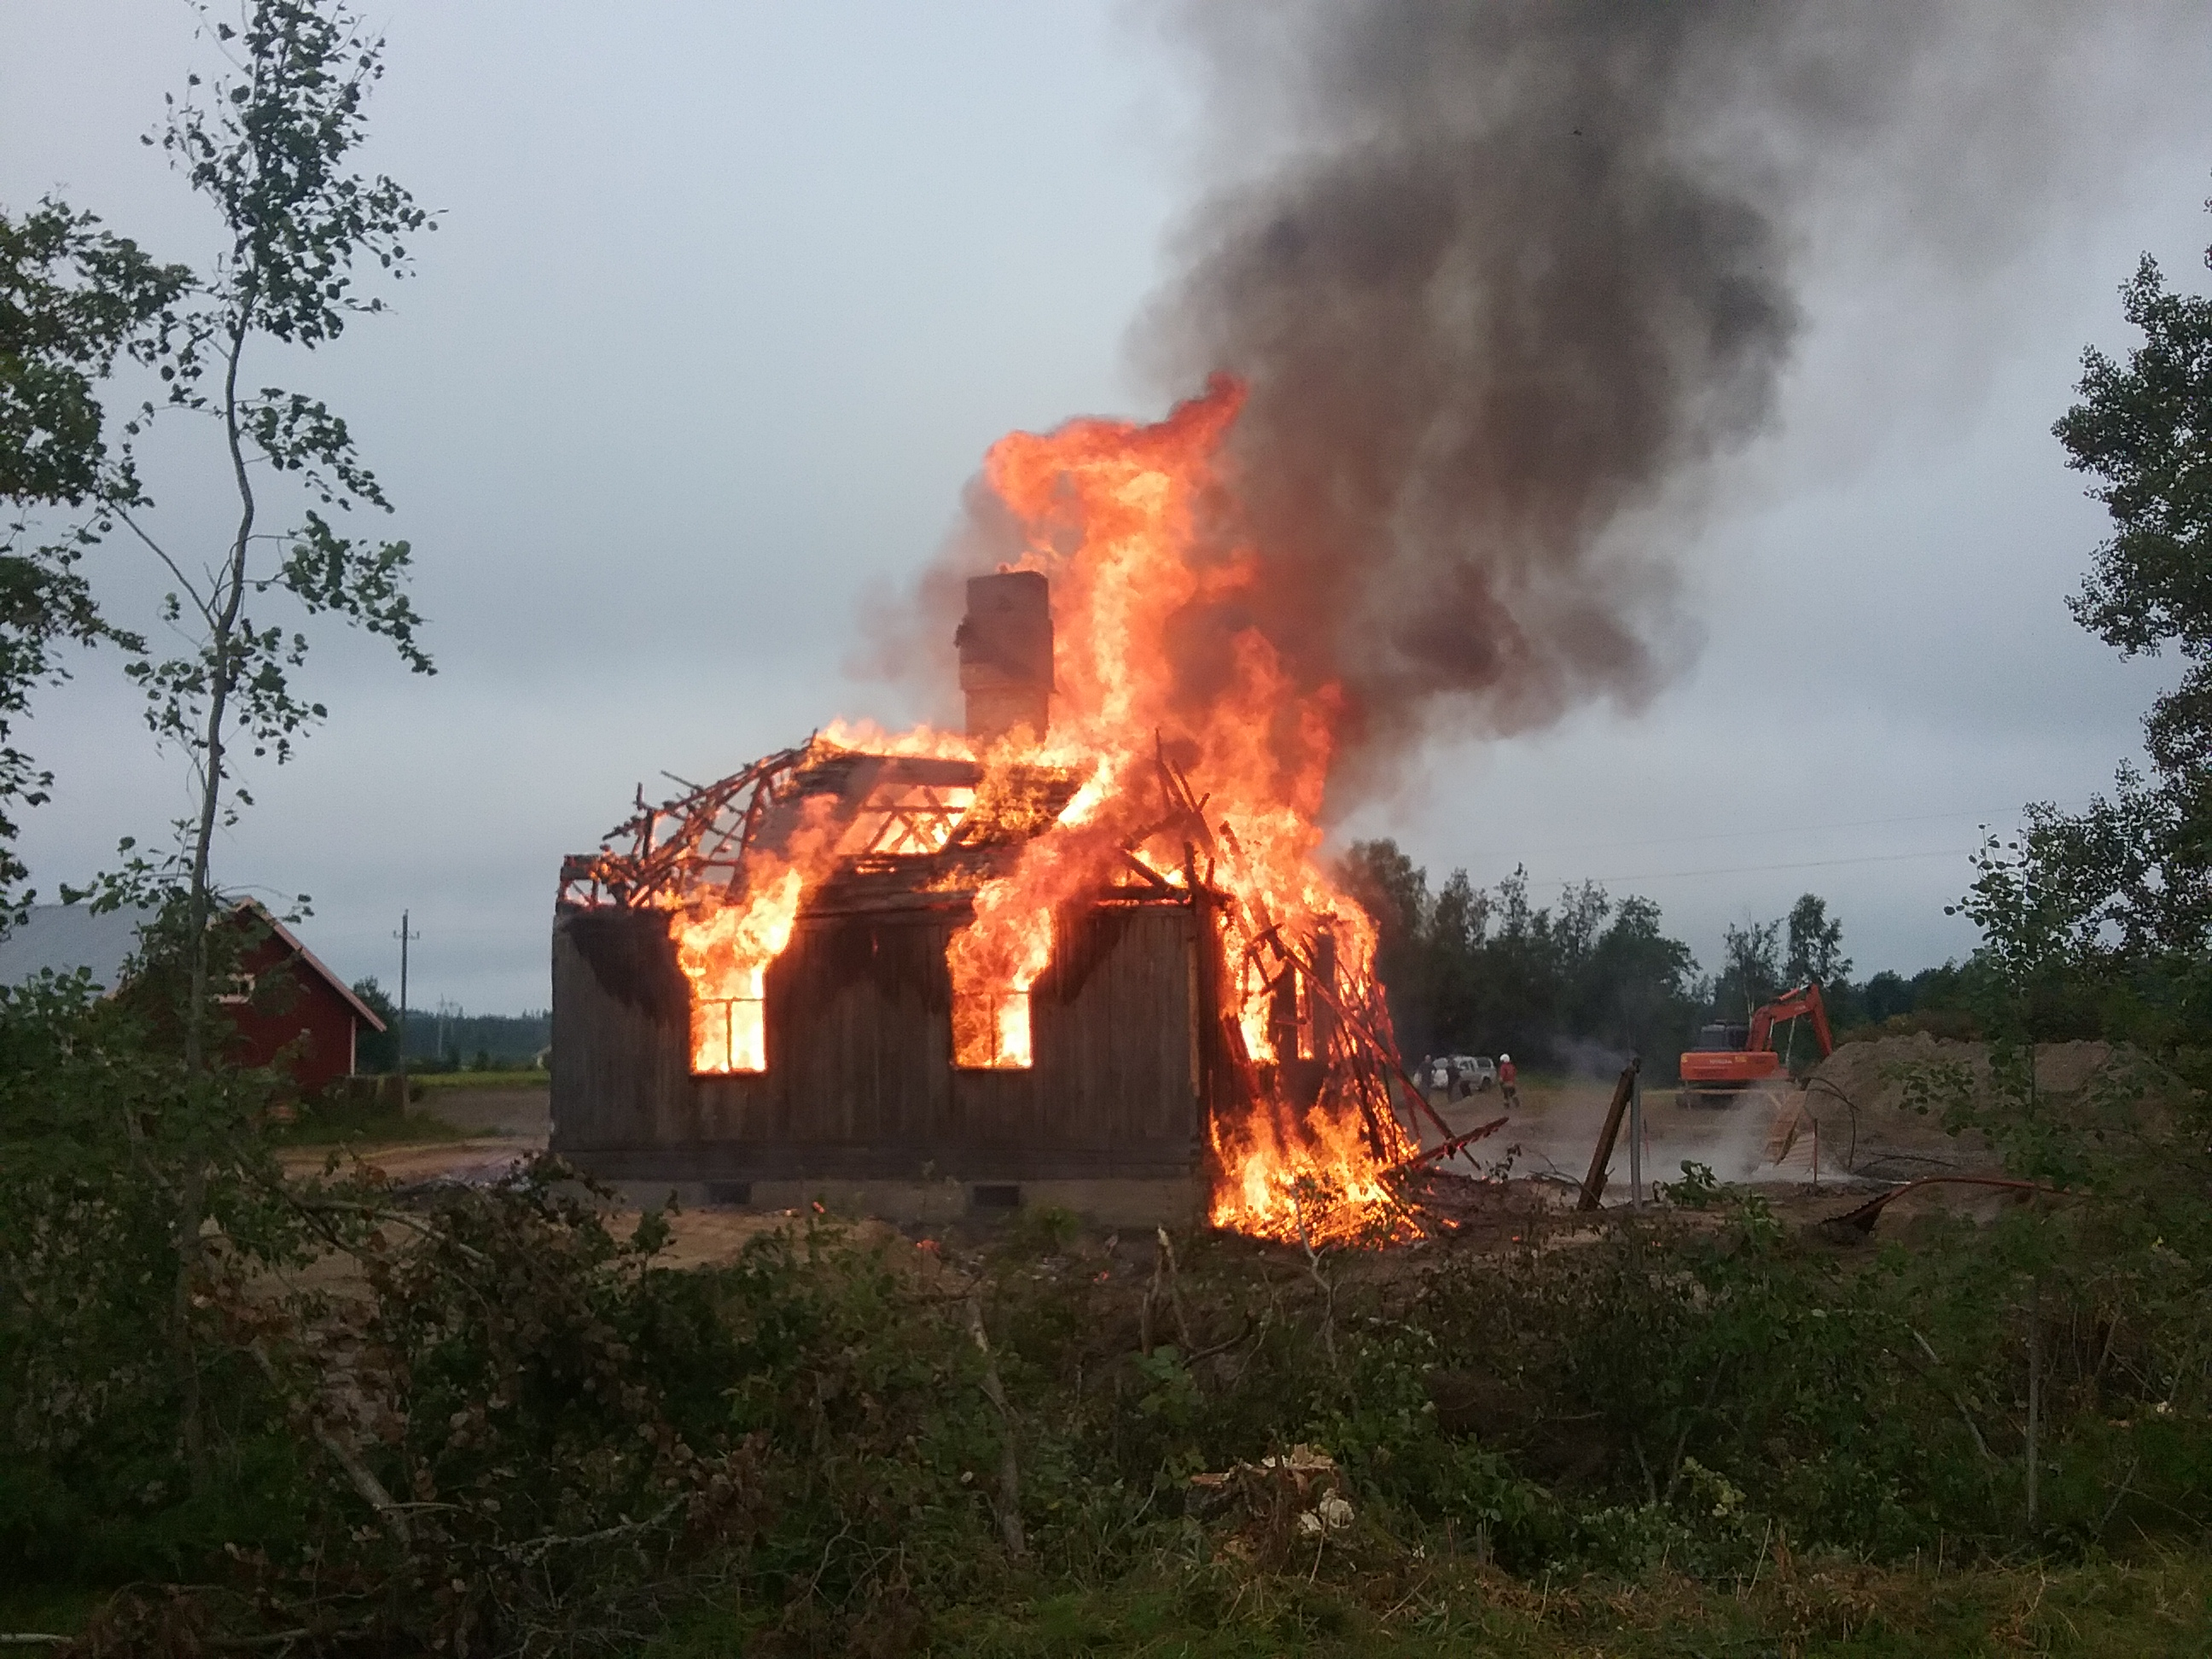 På morgonen den 17 augusti 2017 gick Selim och Mandas gård till historien, då brandkåren från Bötom på ett behärskat sätt brände ner huset.